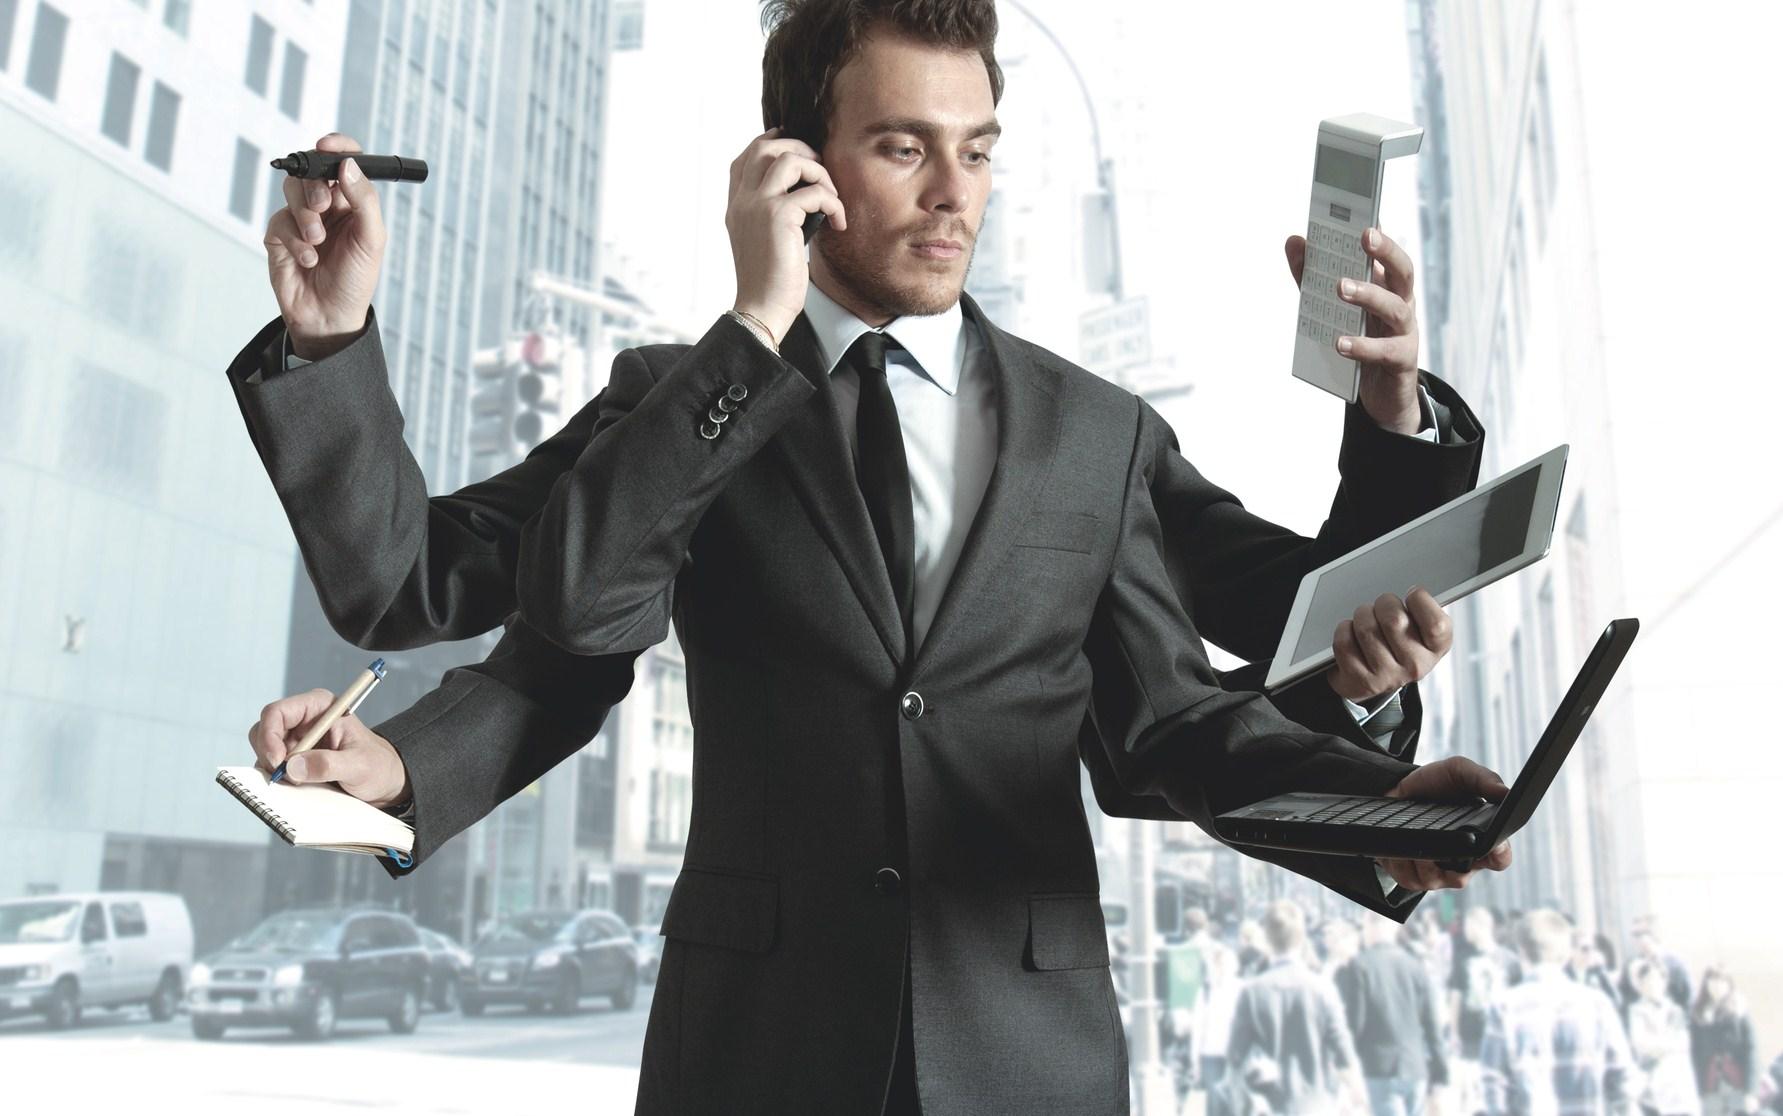 6 thói quen xấu sẽ ảnh hưởng tới năng suất làm việc của bạn